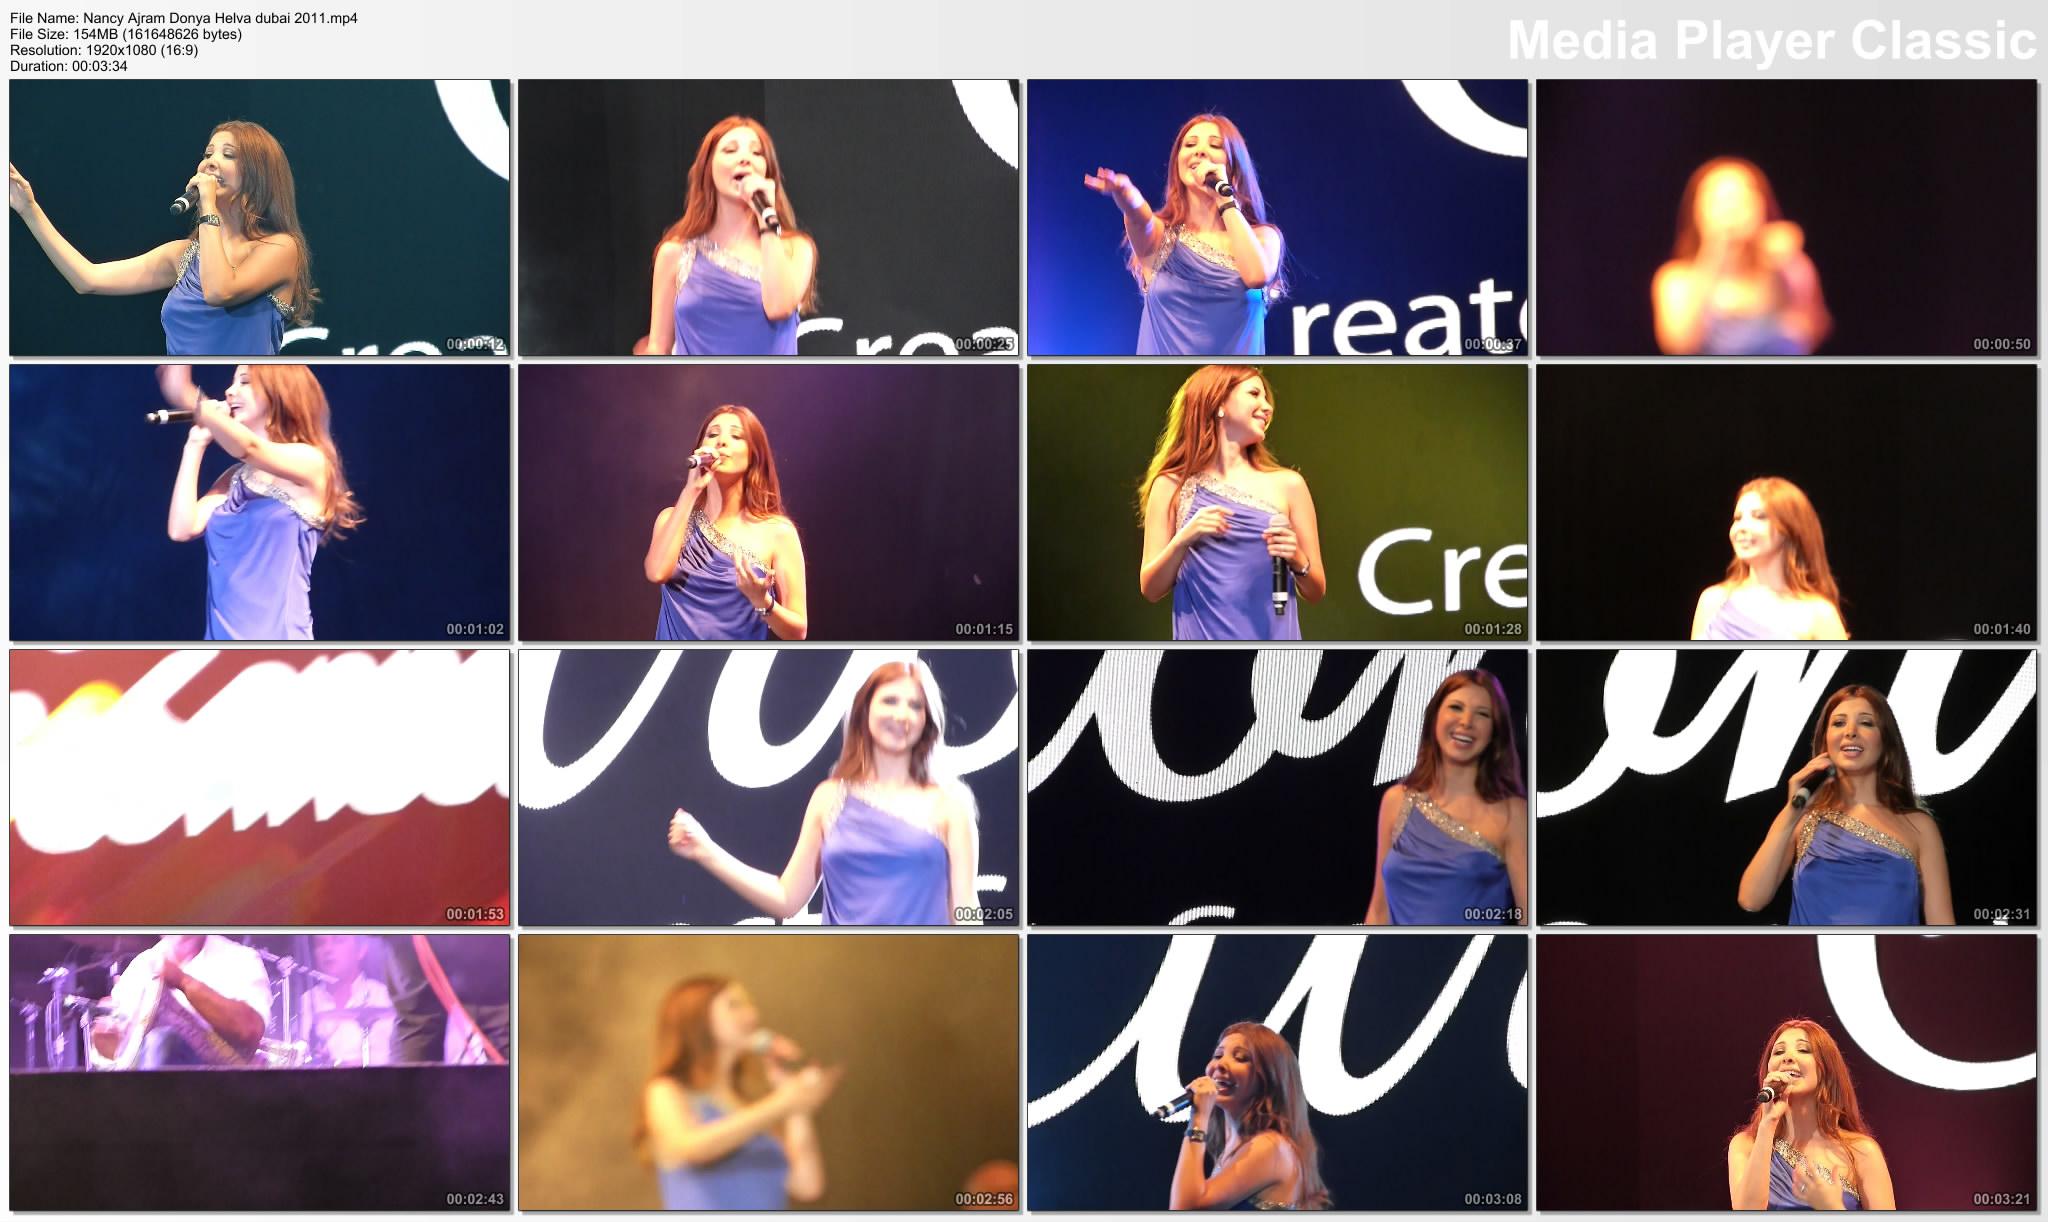 دانلود ویدیو اجرا های نانسی عجرم در دبی 2011با کیفیت Full HD 1080p